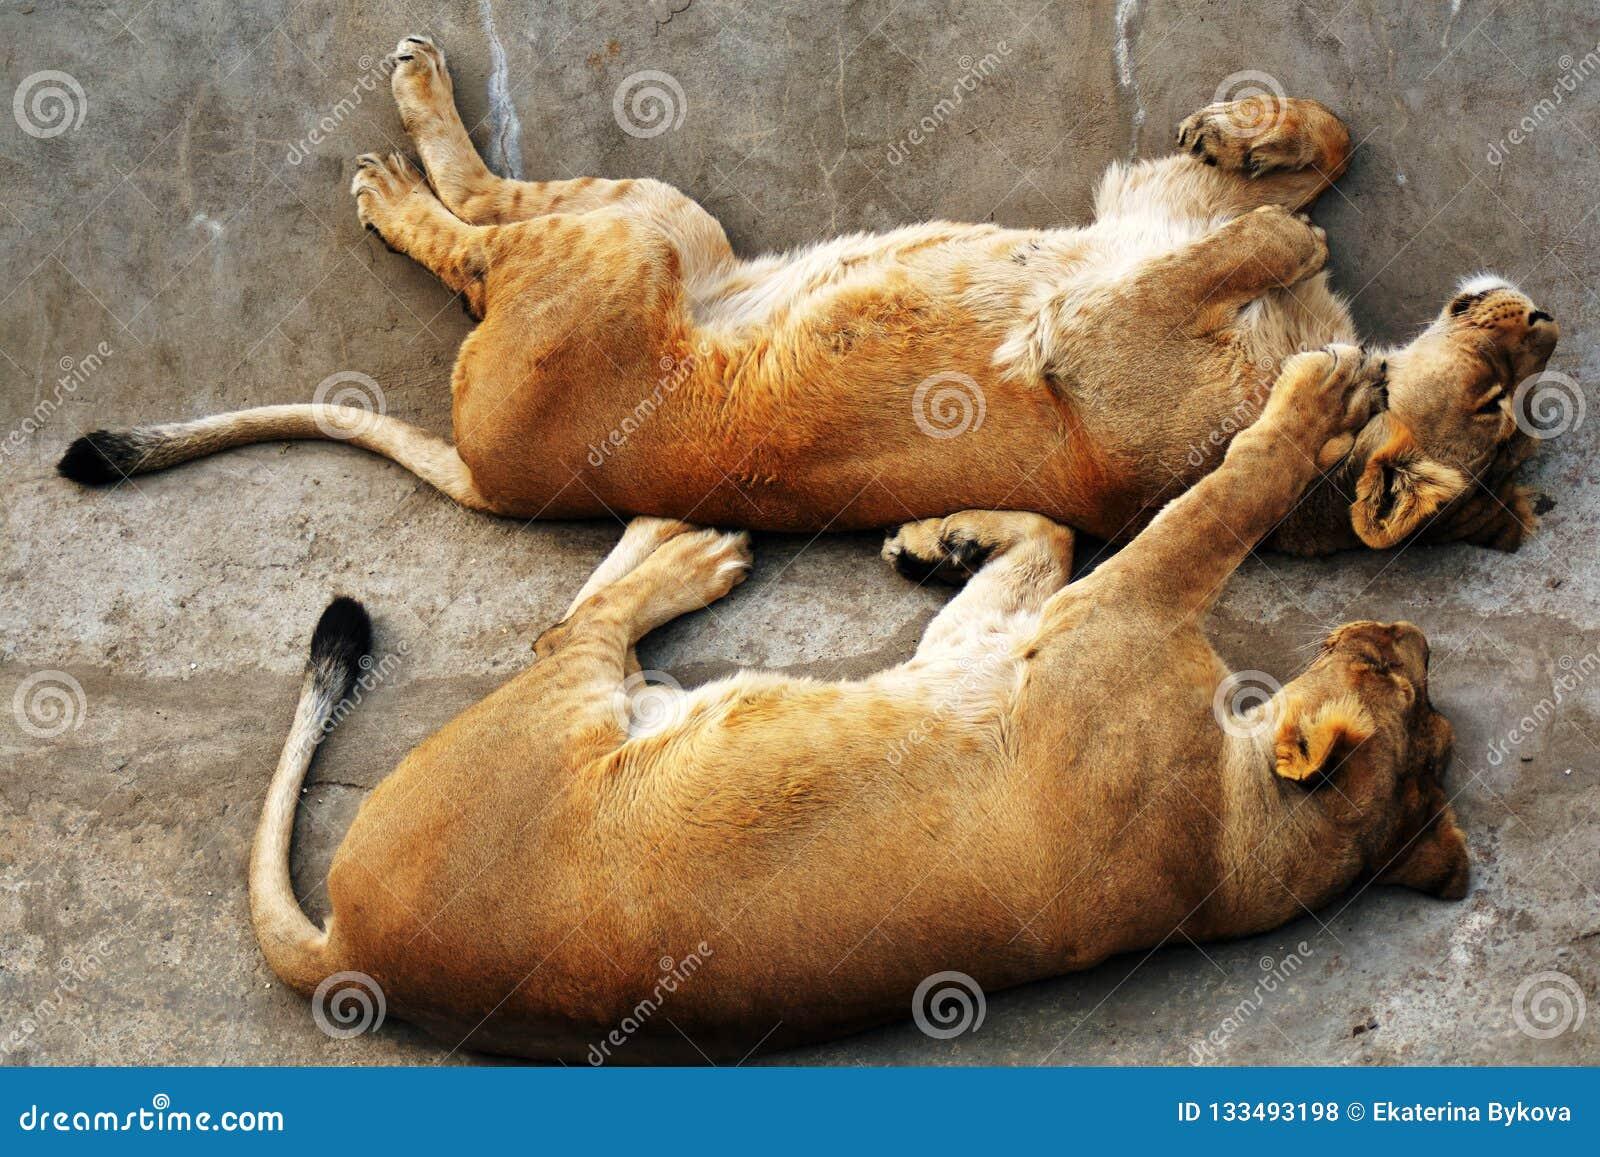 Sueño del león y de los lionesss en superficie de piedra gris